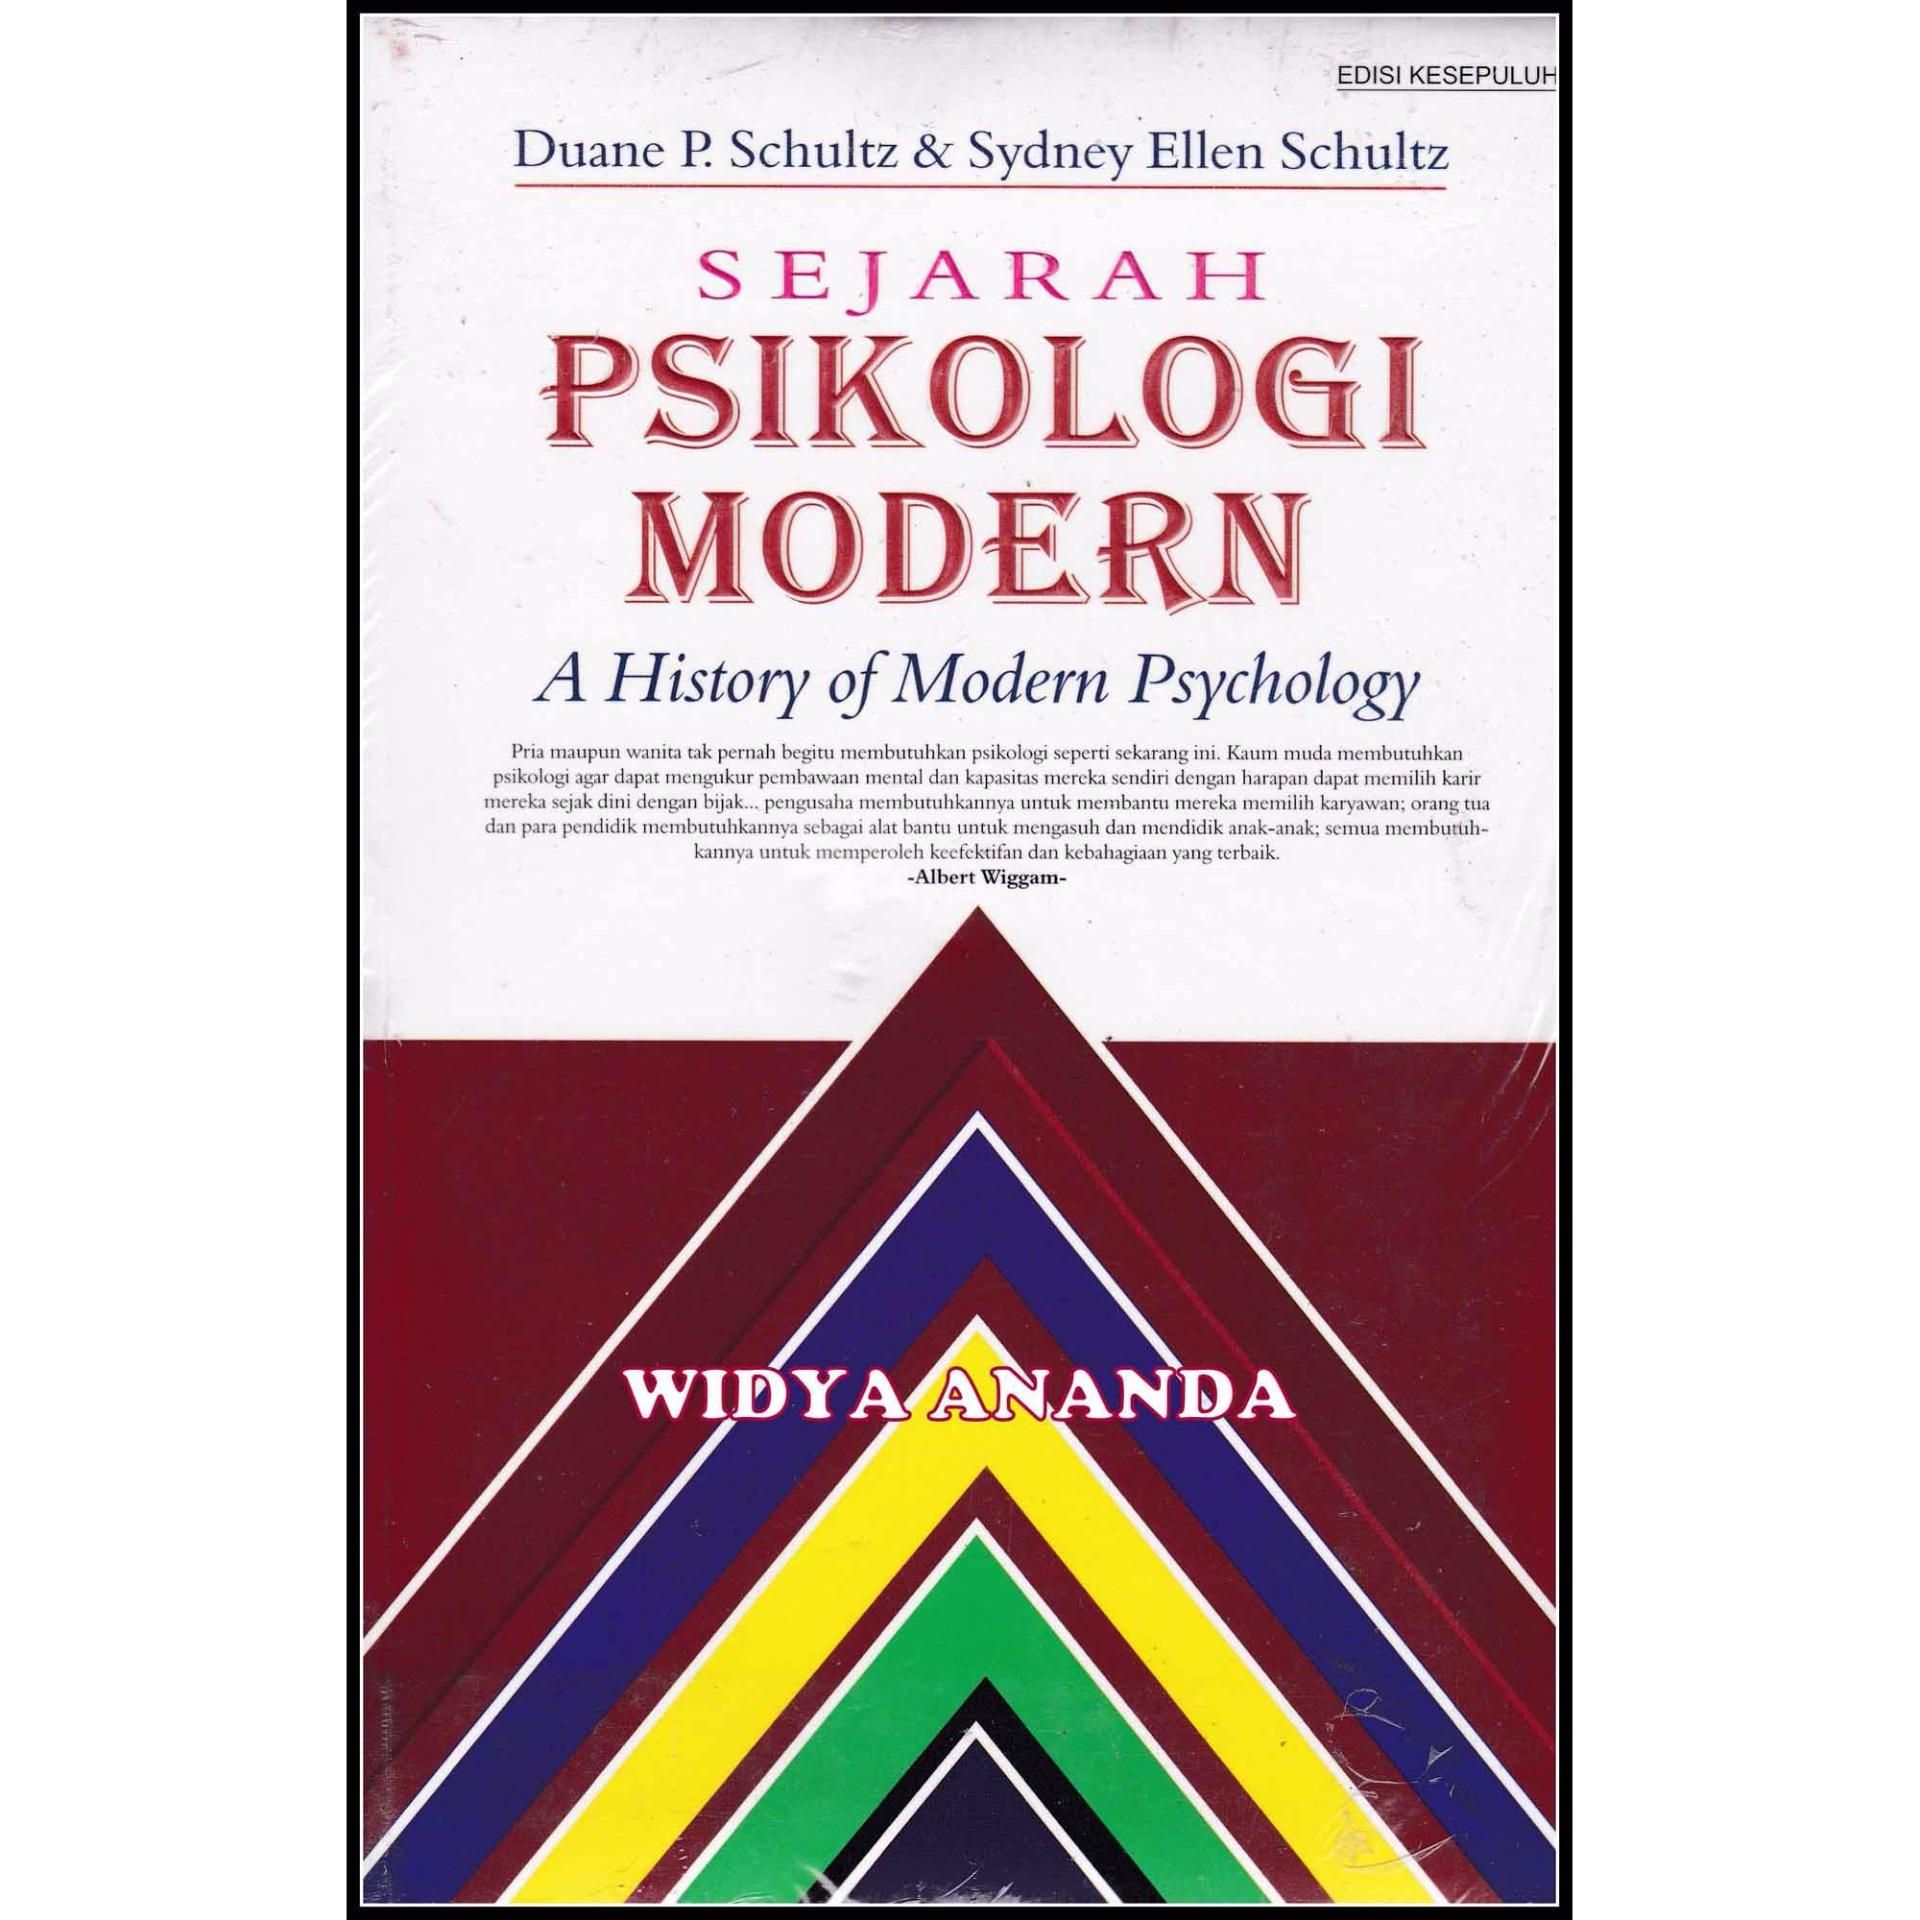 Sejarah Psikologi Modern - A History Of Modern Psychology